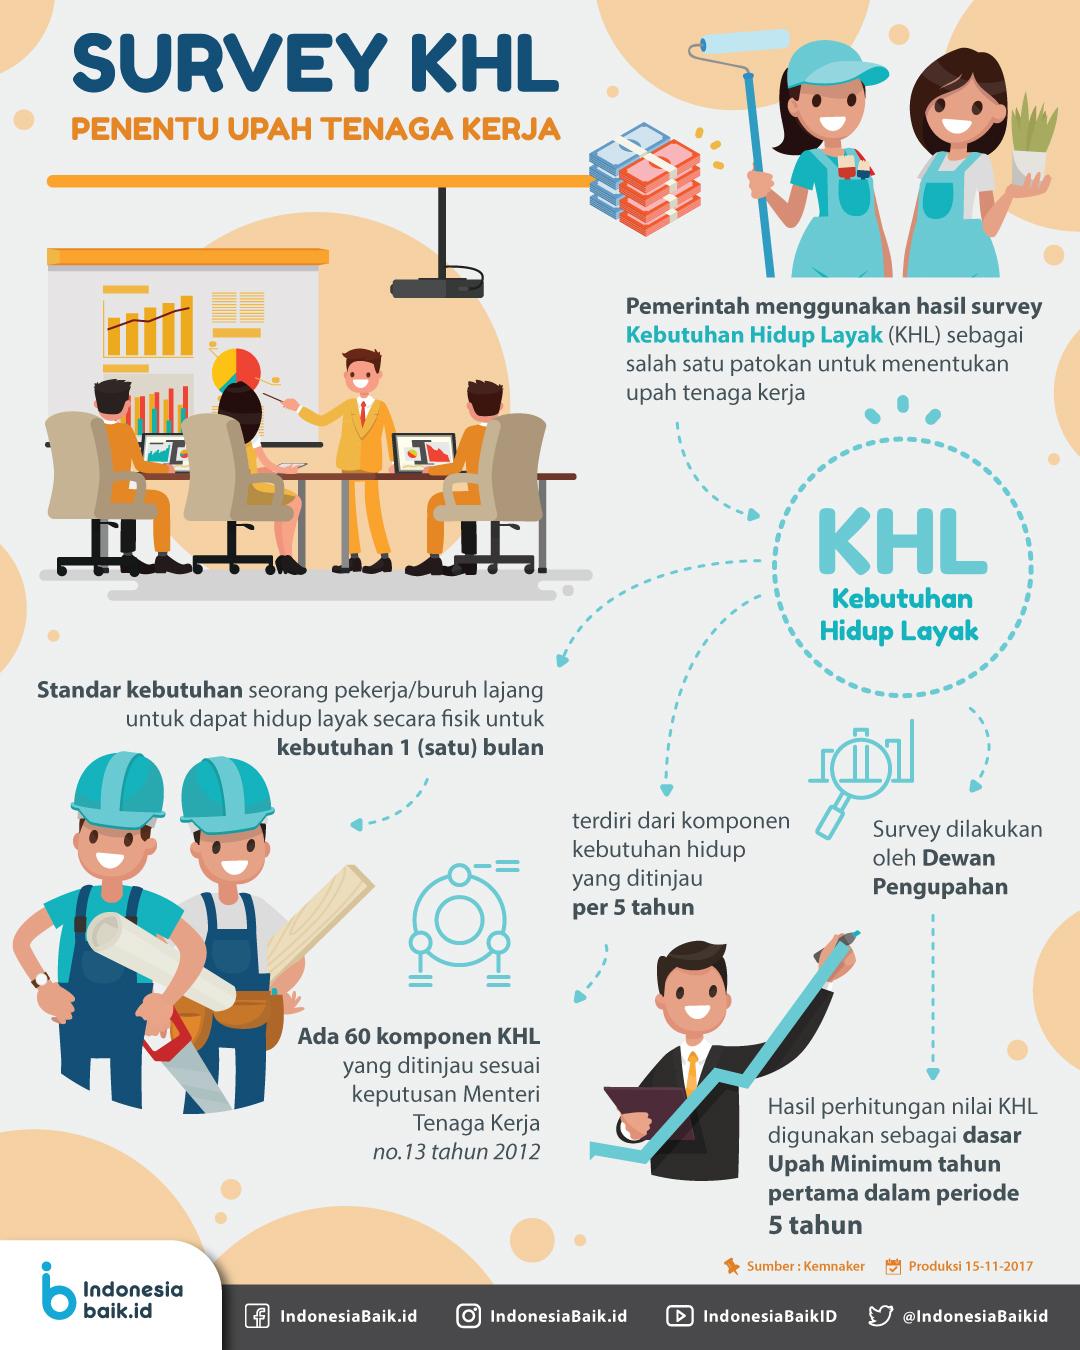 Survey KHL Penentu Upah Tenaga Kerja